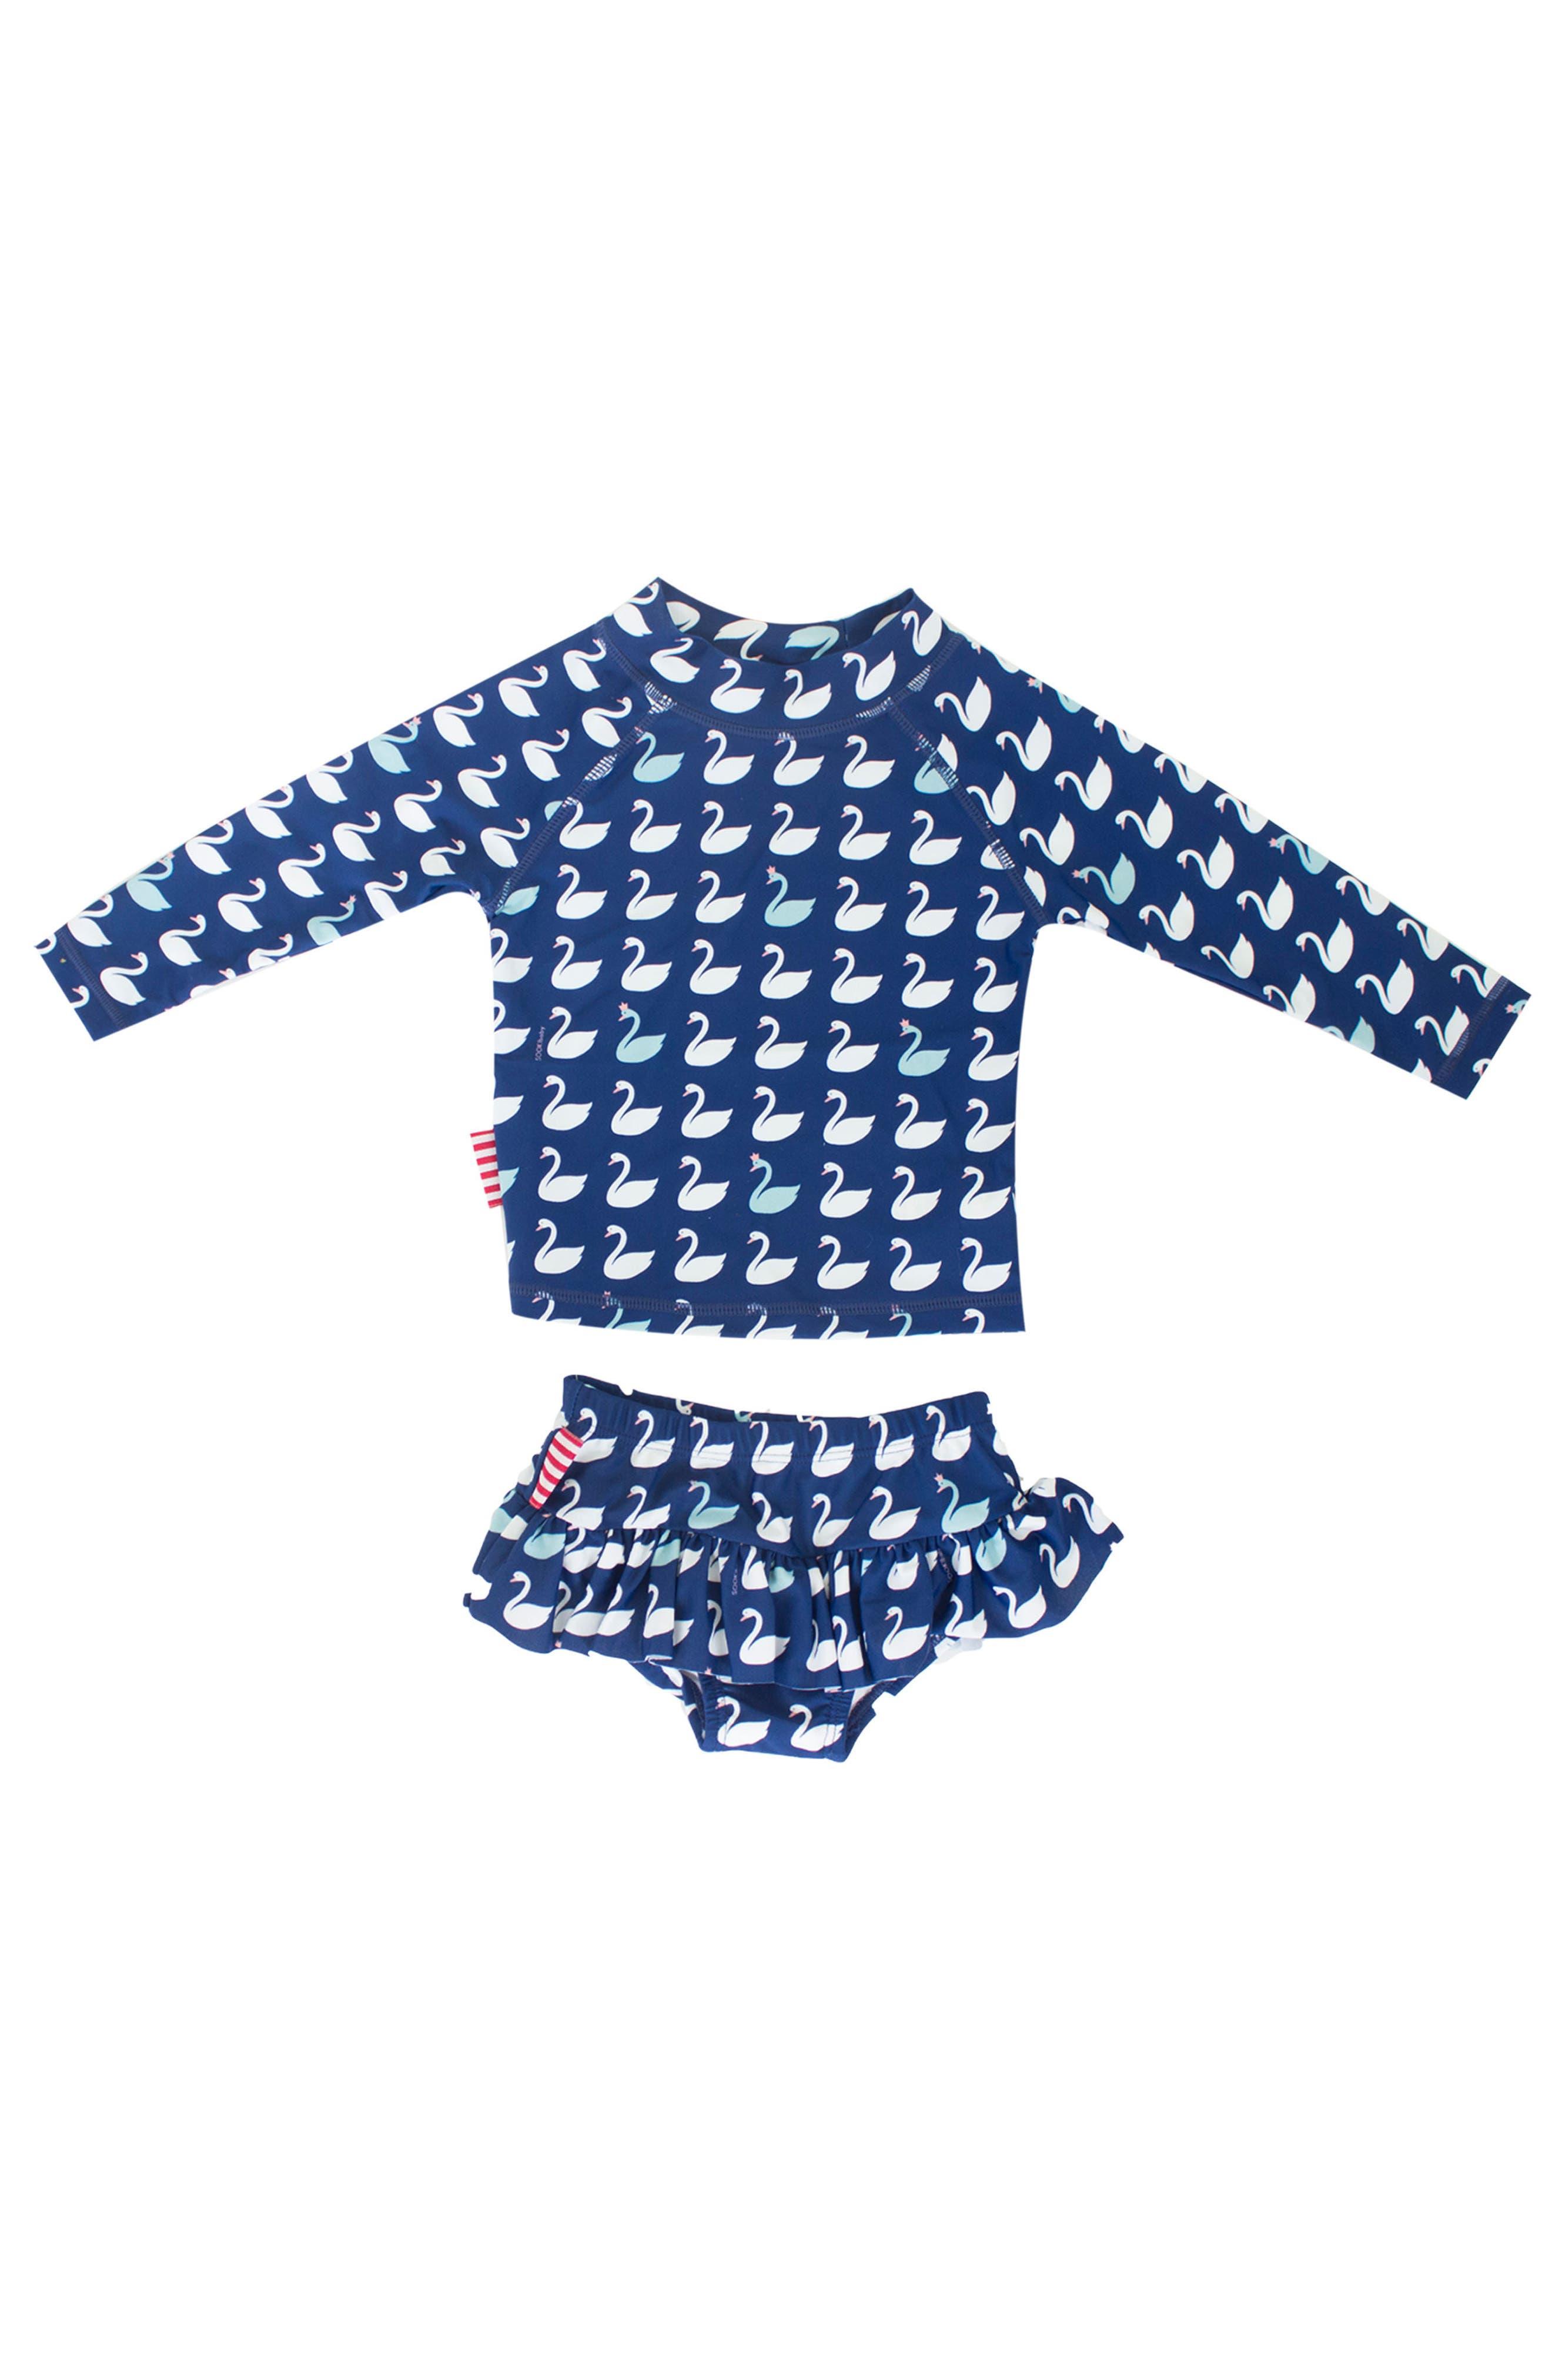 SOOKIbaby Two-Piece Rashguard Swimsuit (Baby Girls)